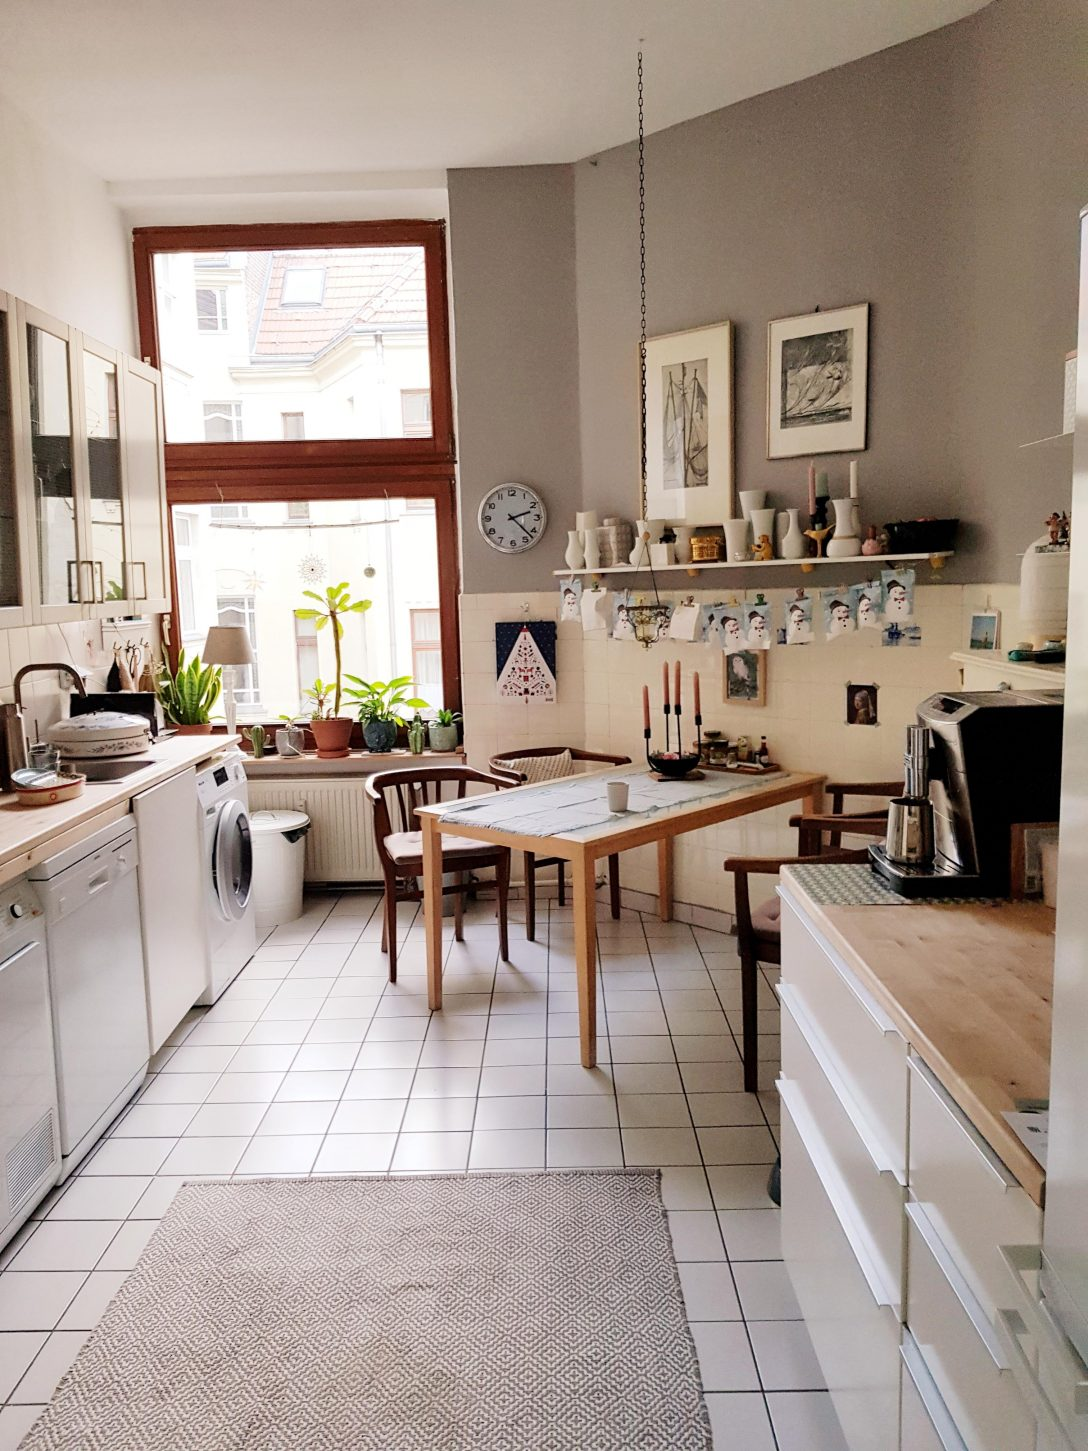 Full Size of Miniküche Ideen Ikea Kchen Ikeakche Bilder Couch Minikche Kche Kaufen Wohnzimmer Tapeten Mit Kühlschrank Stengel Bad Renovieren Wohnzimmer Miniküche Ideen